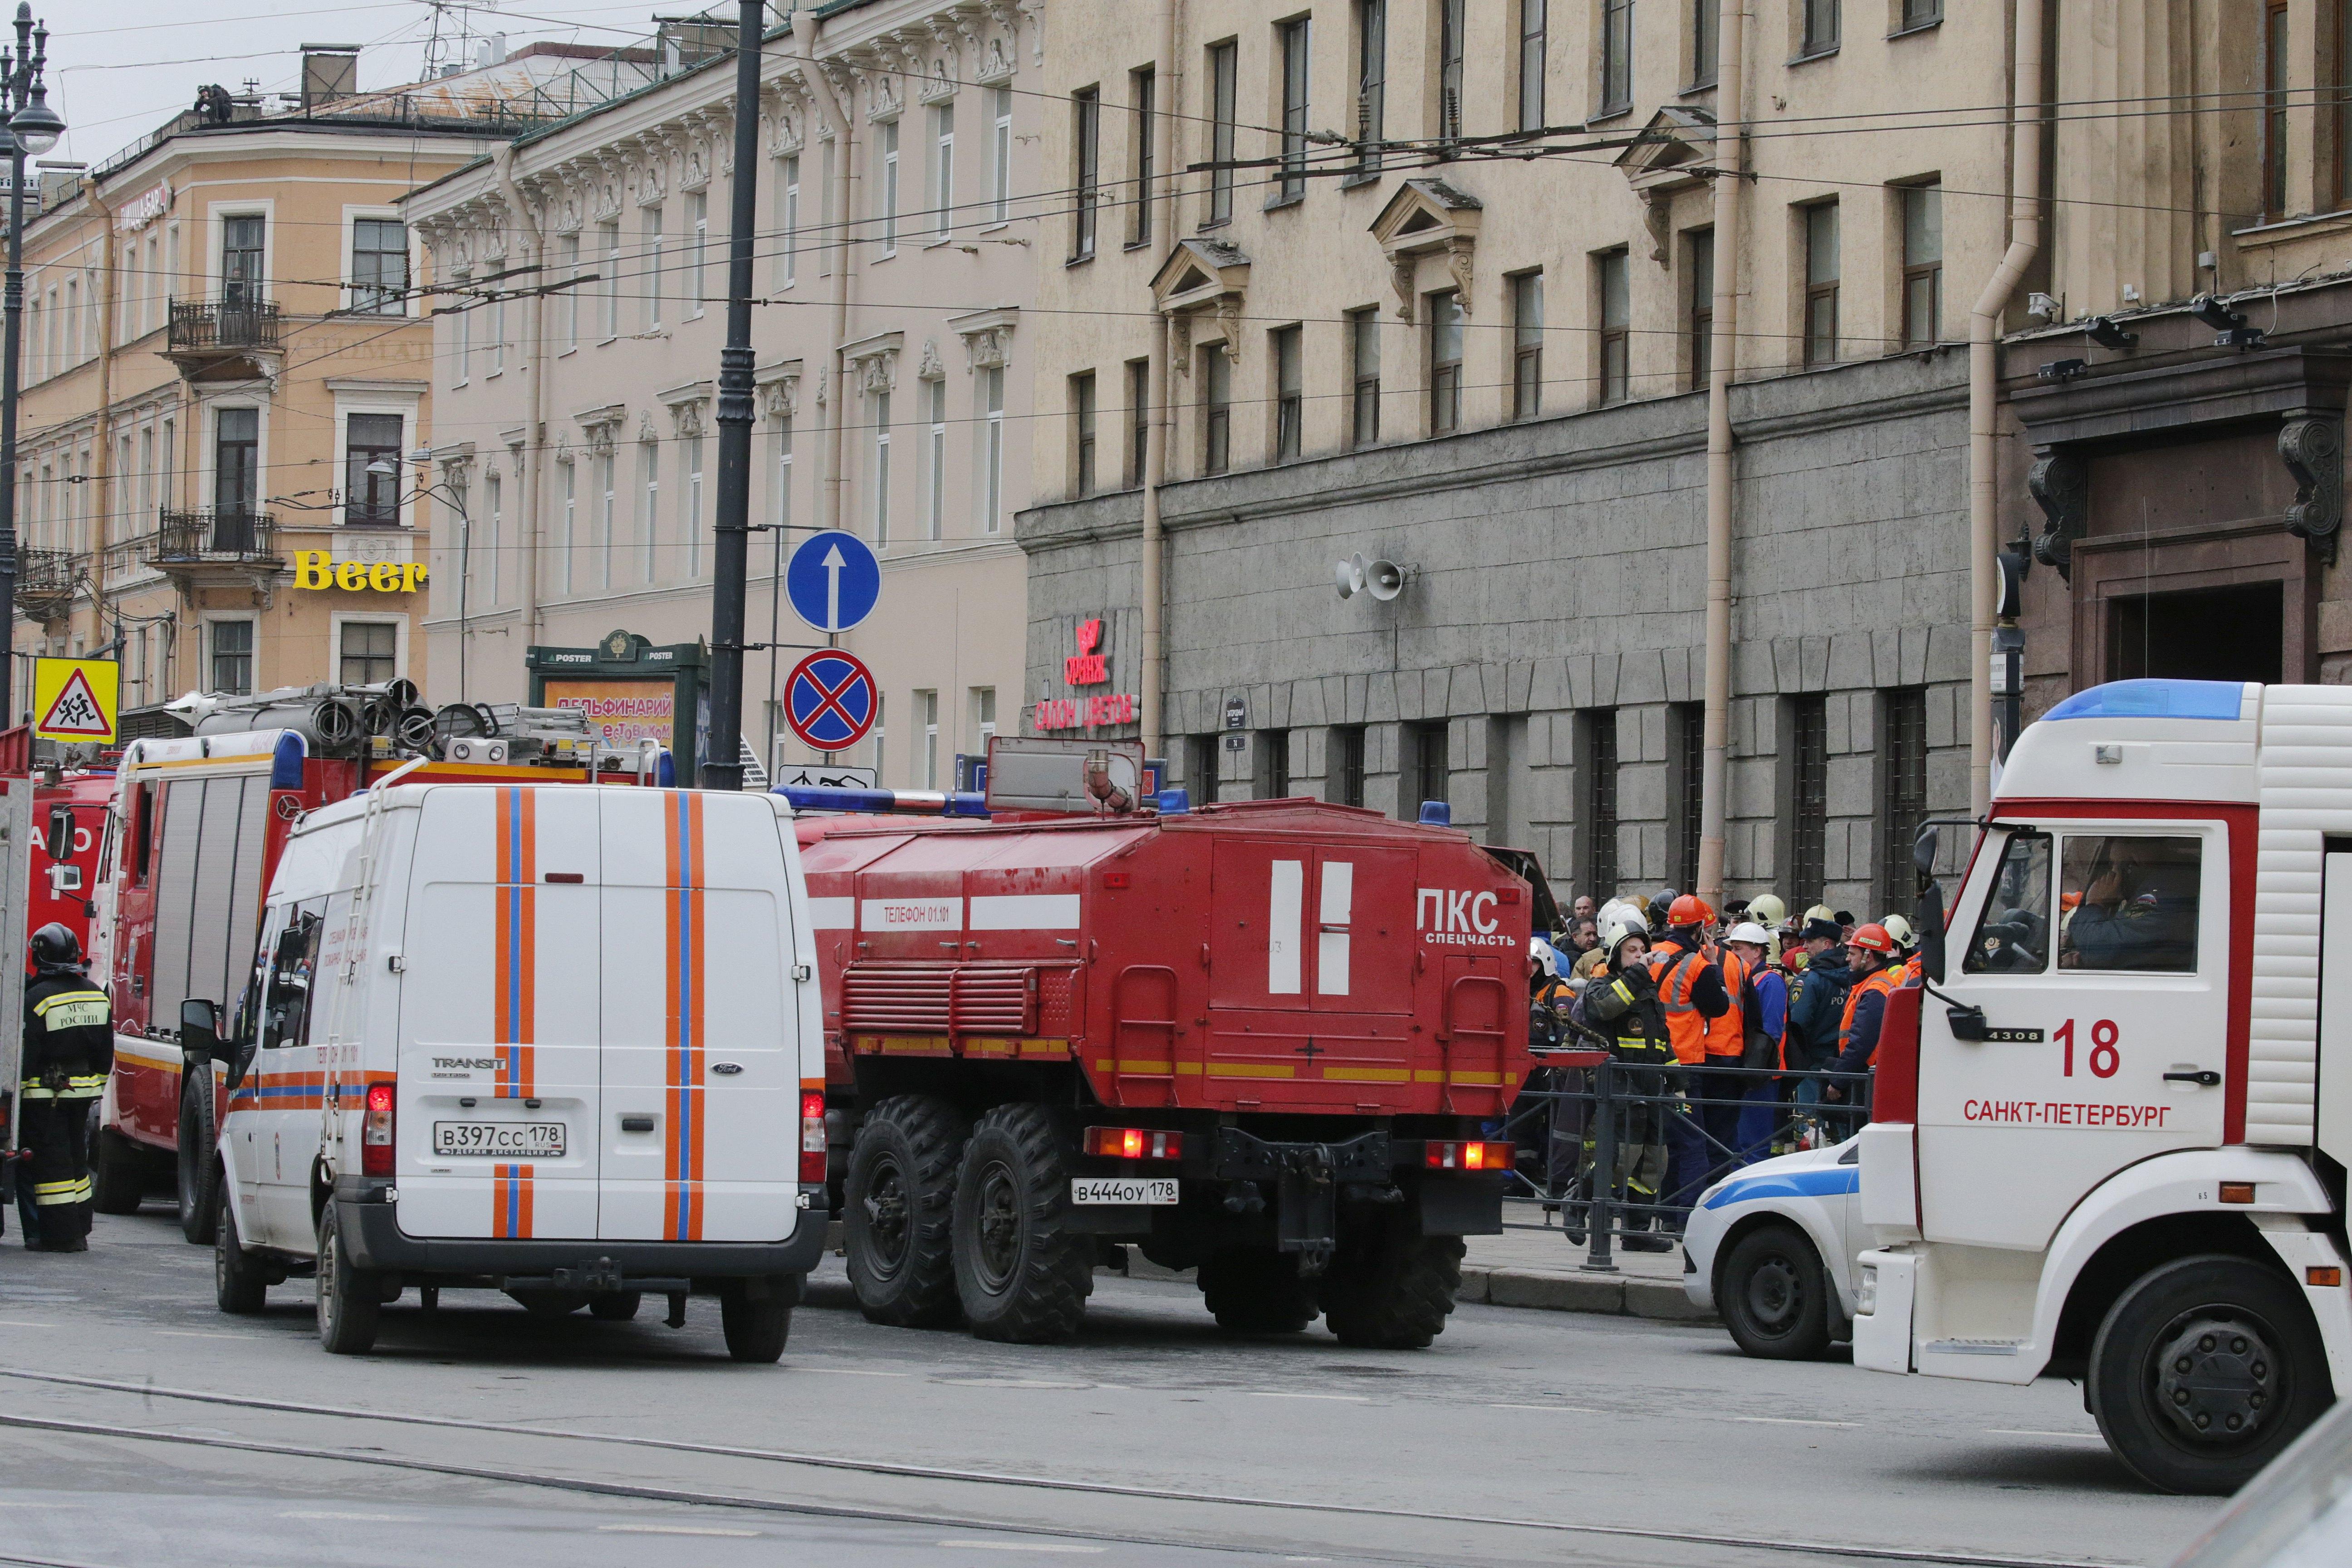 Експлозия избухна в метрото на Санкт Петербург в 14:40 часа. Пострадали са общо 47 човека. Седем са починали на място, един е загинал при транспортирането към болница. От пострадалите 43-ма са хоспитализирани, като двама от тях са починали от раните си в спешните отделения.